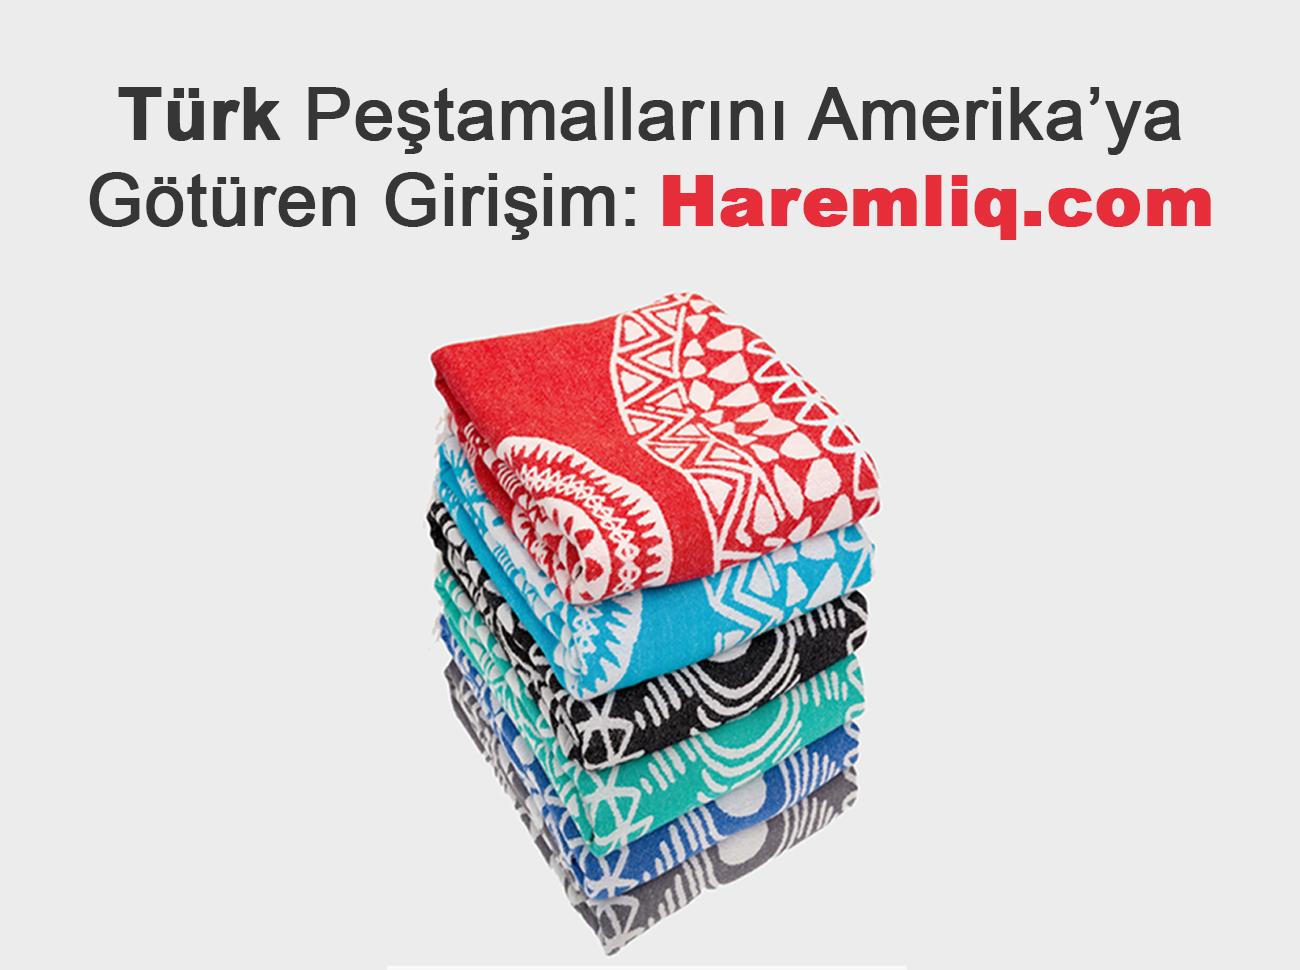 Türk Peştamallarını Amerika'ya Götüren Girişim: Haremliq.com